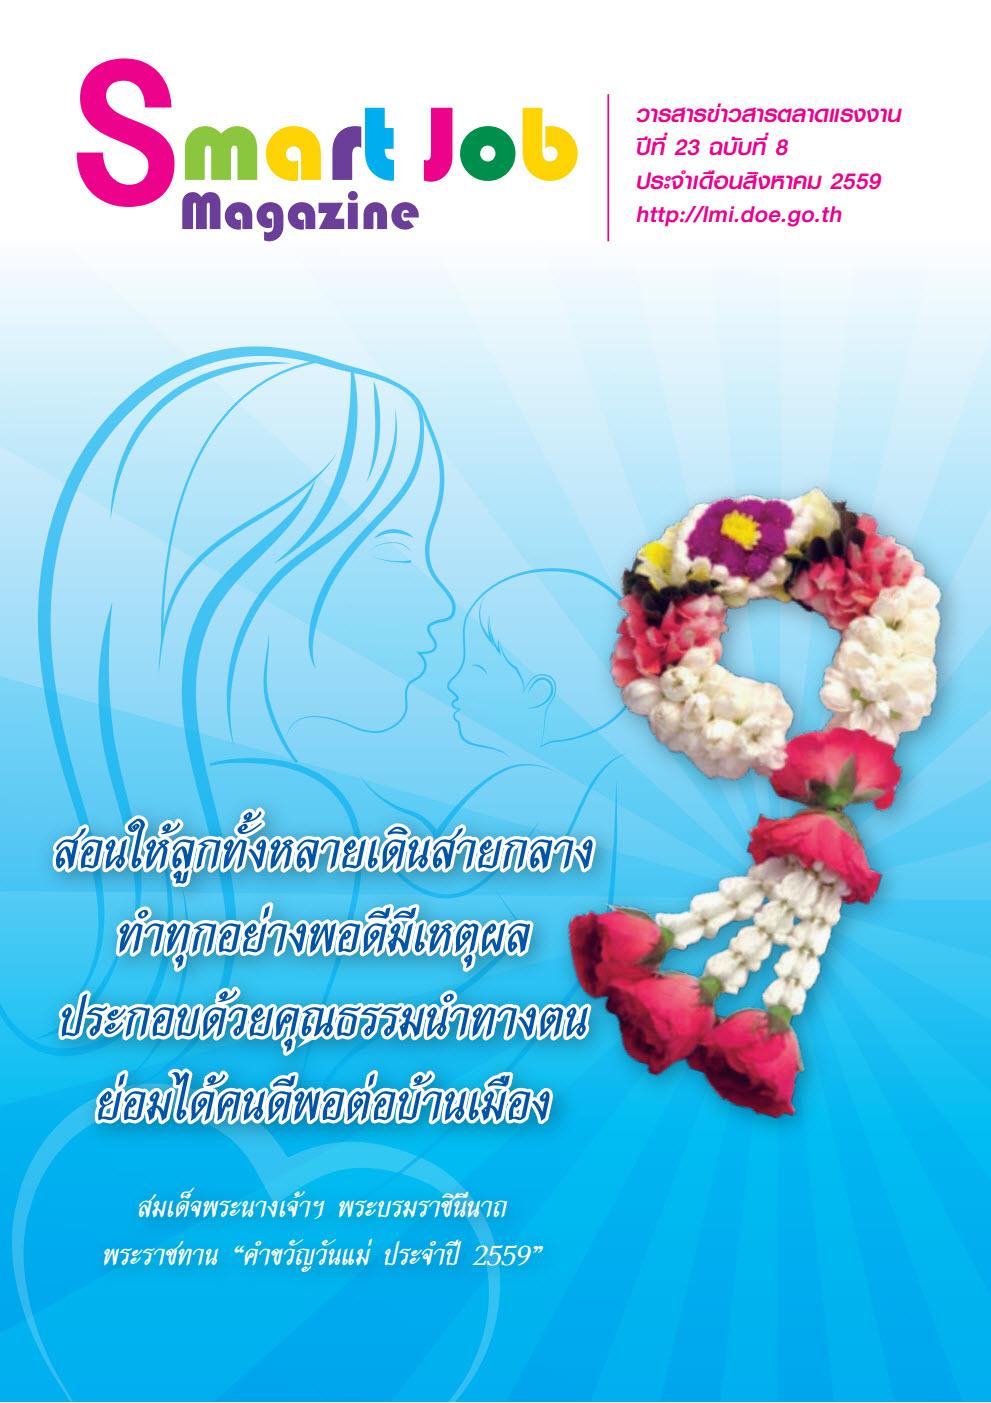 Smart Job Magazine ปีที่ 23 ฉบับที่ 8